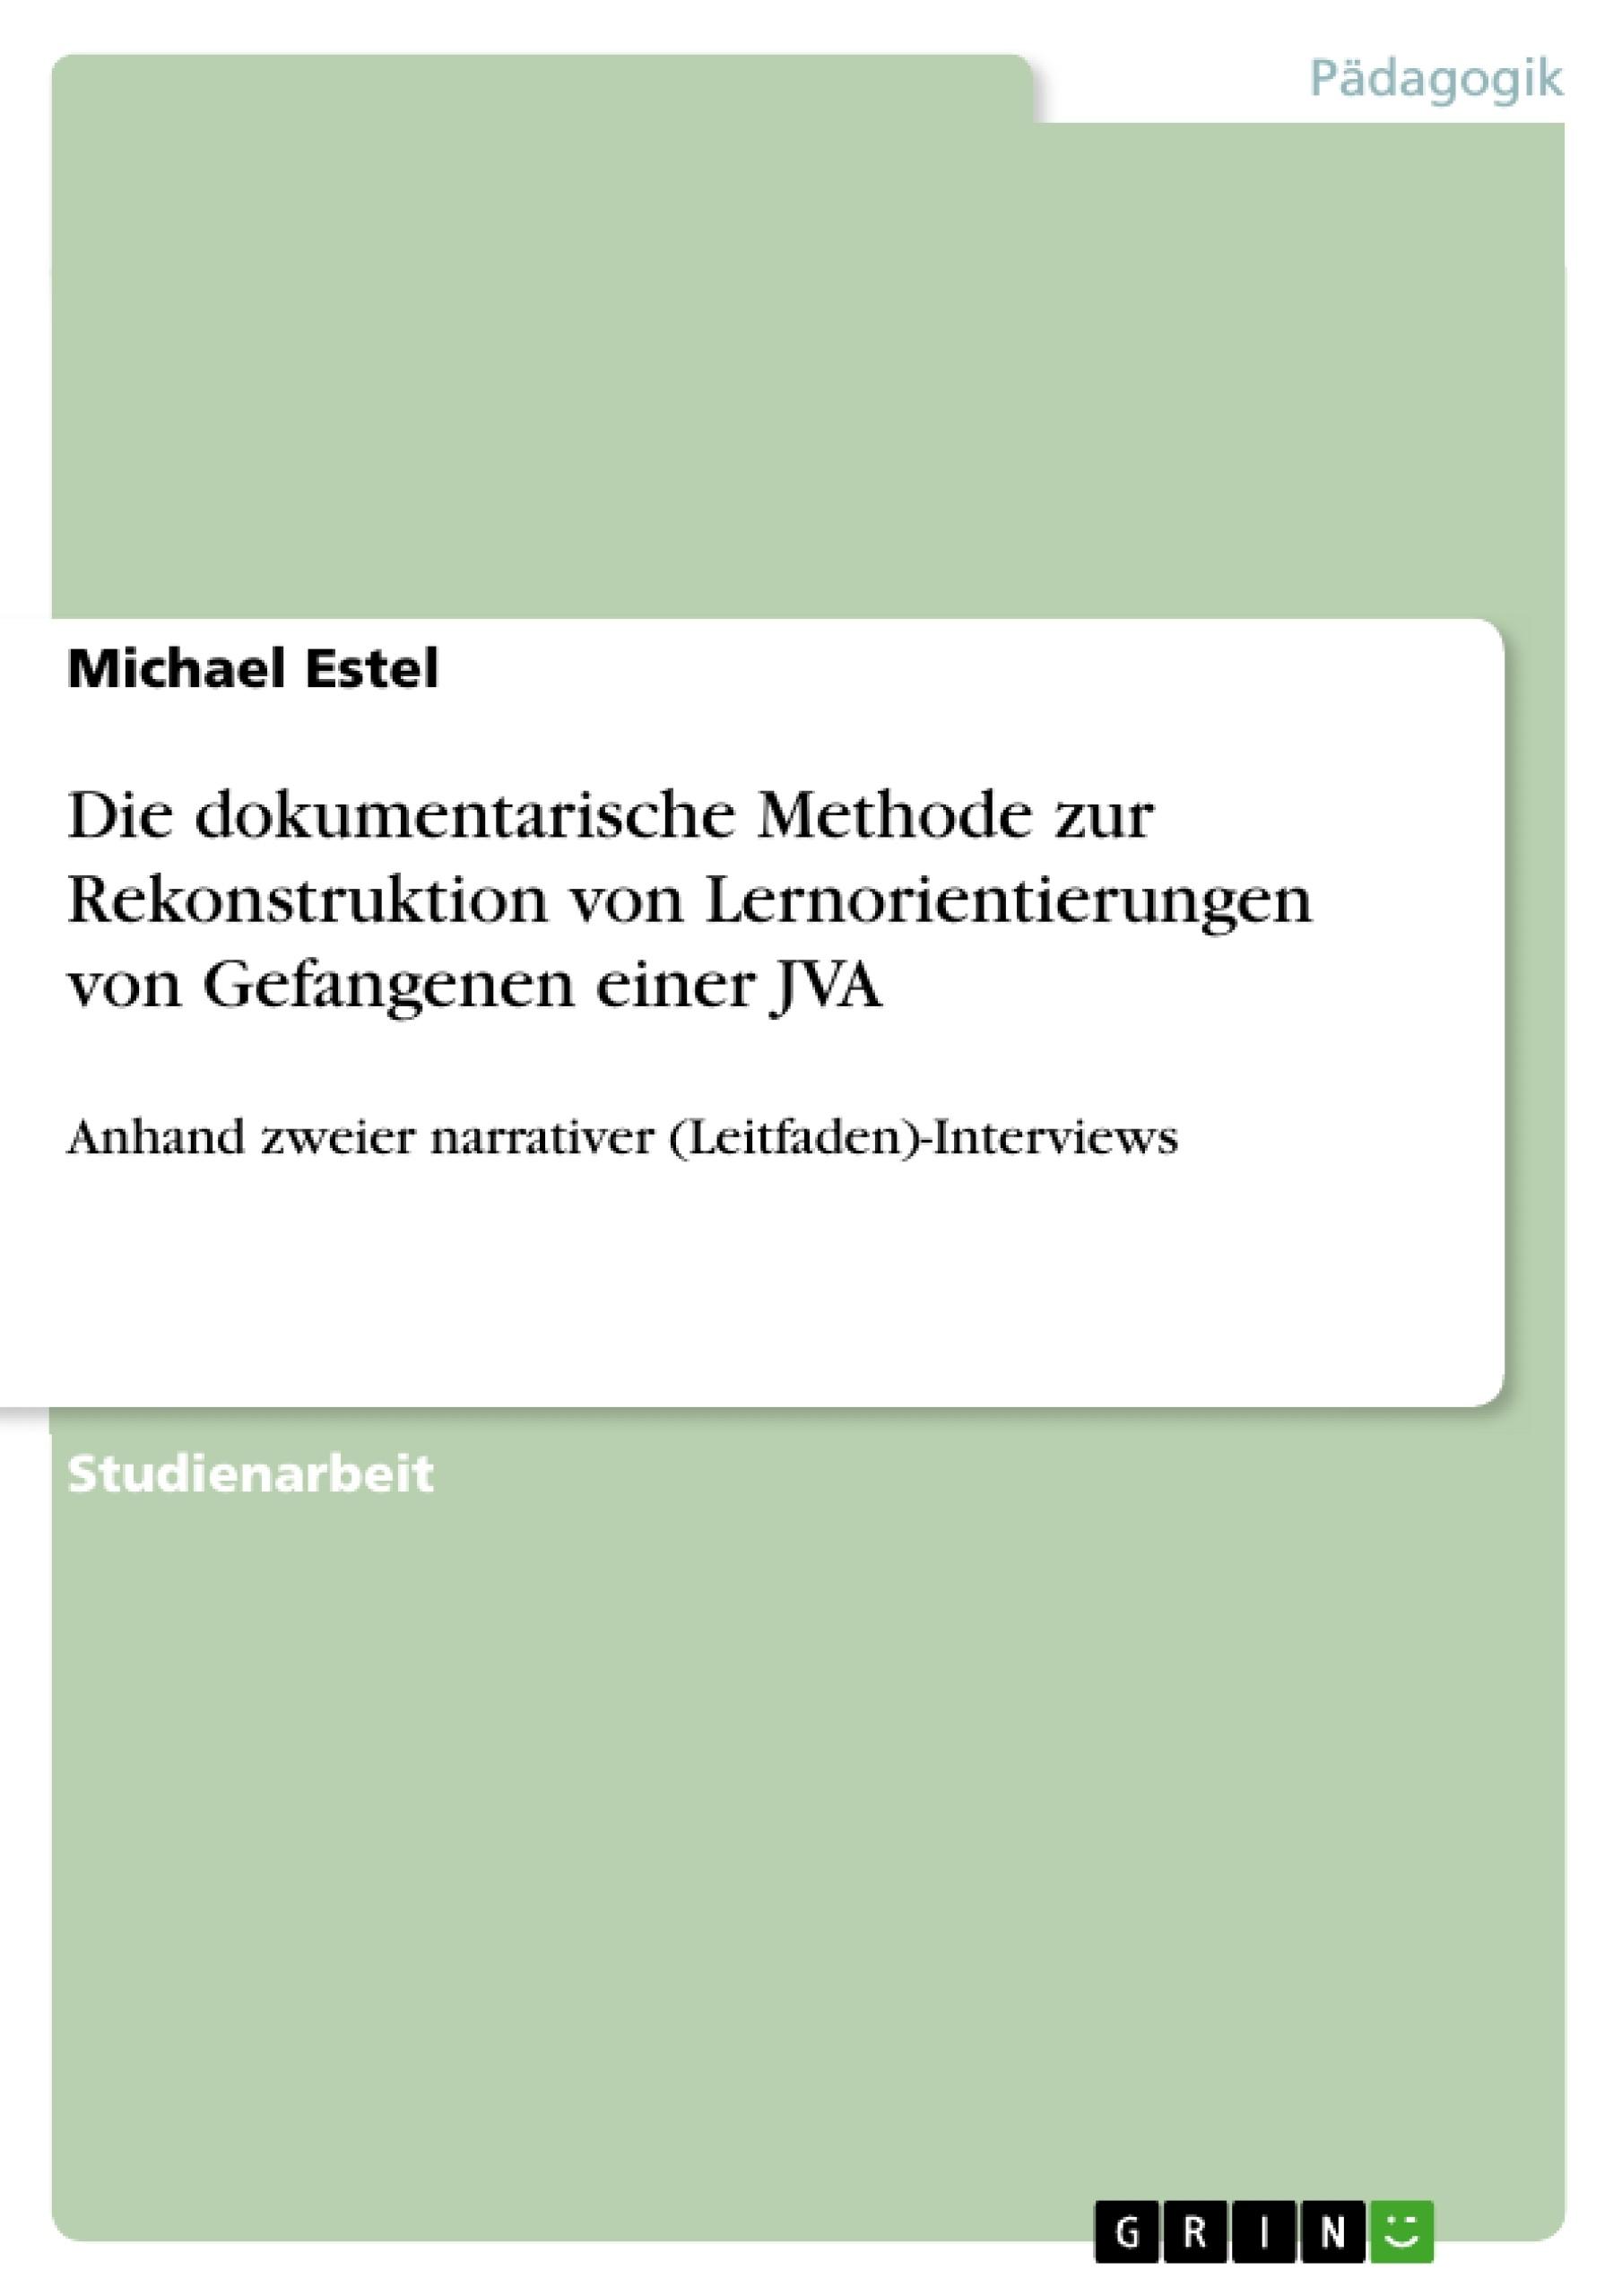 Titel: Die dokumentarische Methode zur  Rekonstruktion von Lernorientierungen von  Gefangenen  einer JVA